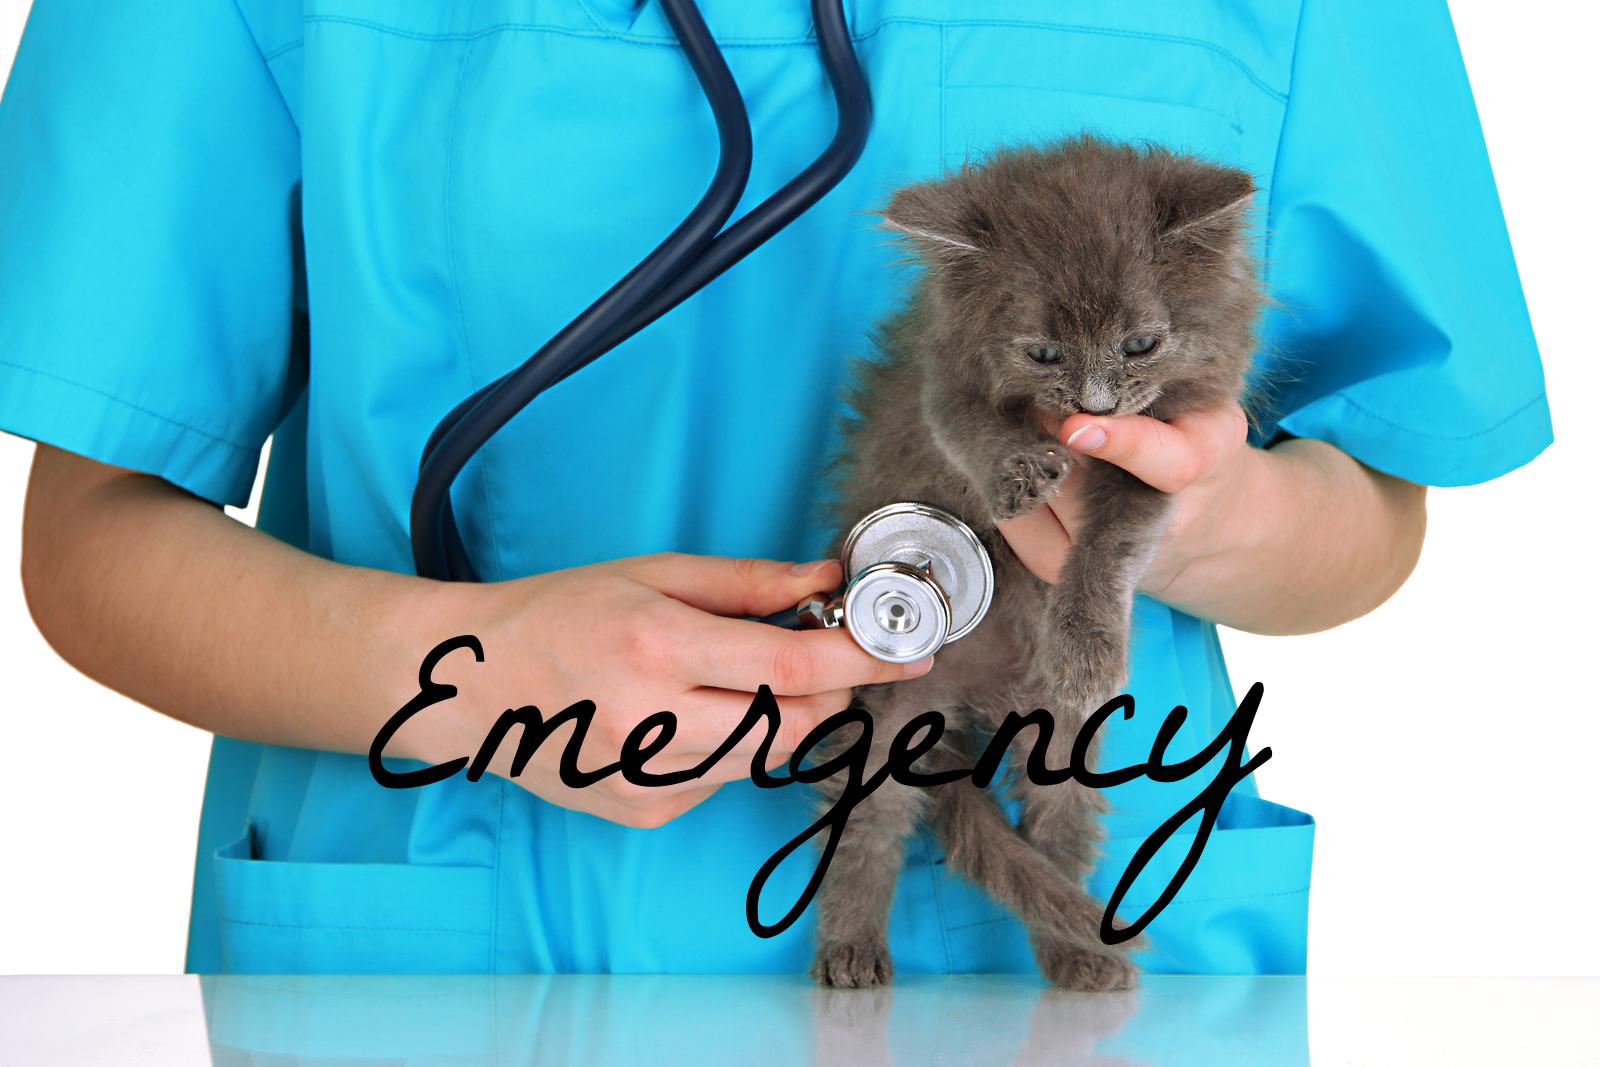 TVRH holly springs emergency triangle veterinary referral hospital